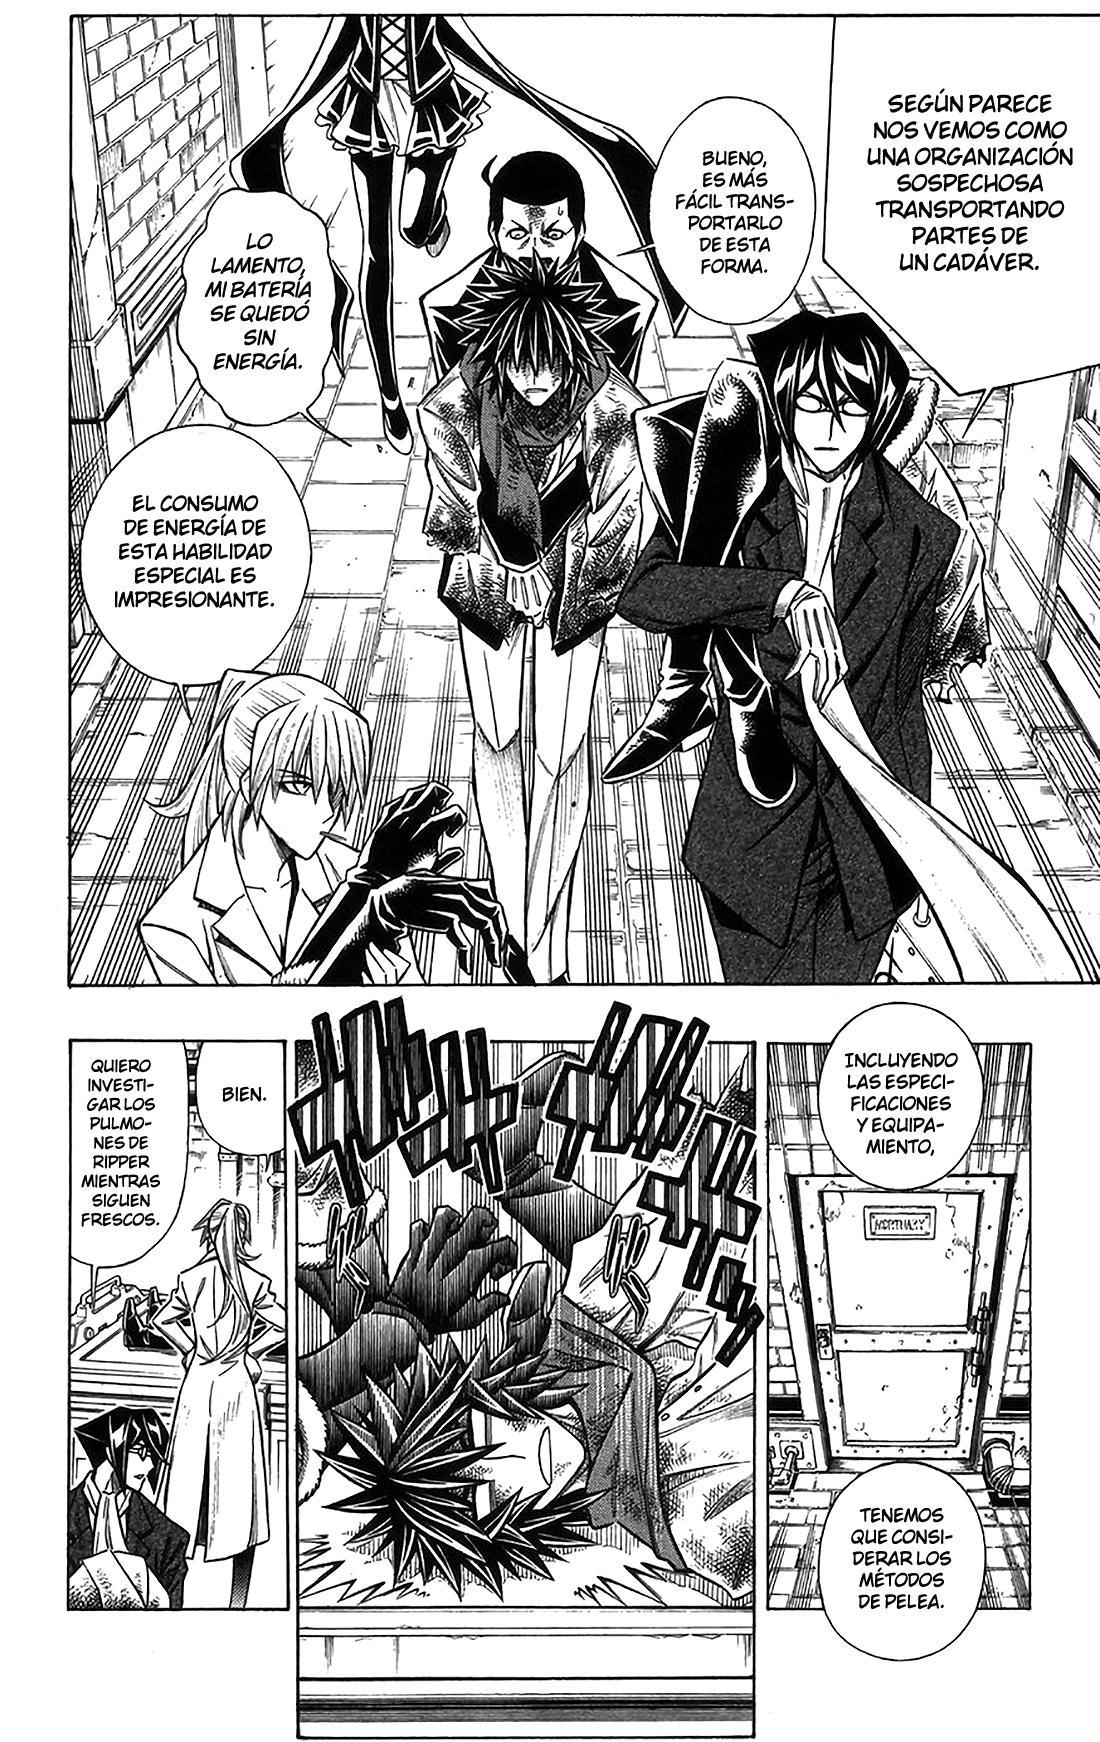 http://c5.ninemanga.com/es_manga/45/18797/447912/fbd2367b610709a34ef4bb9605ec5ba9.jpg Page 4